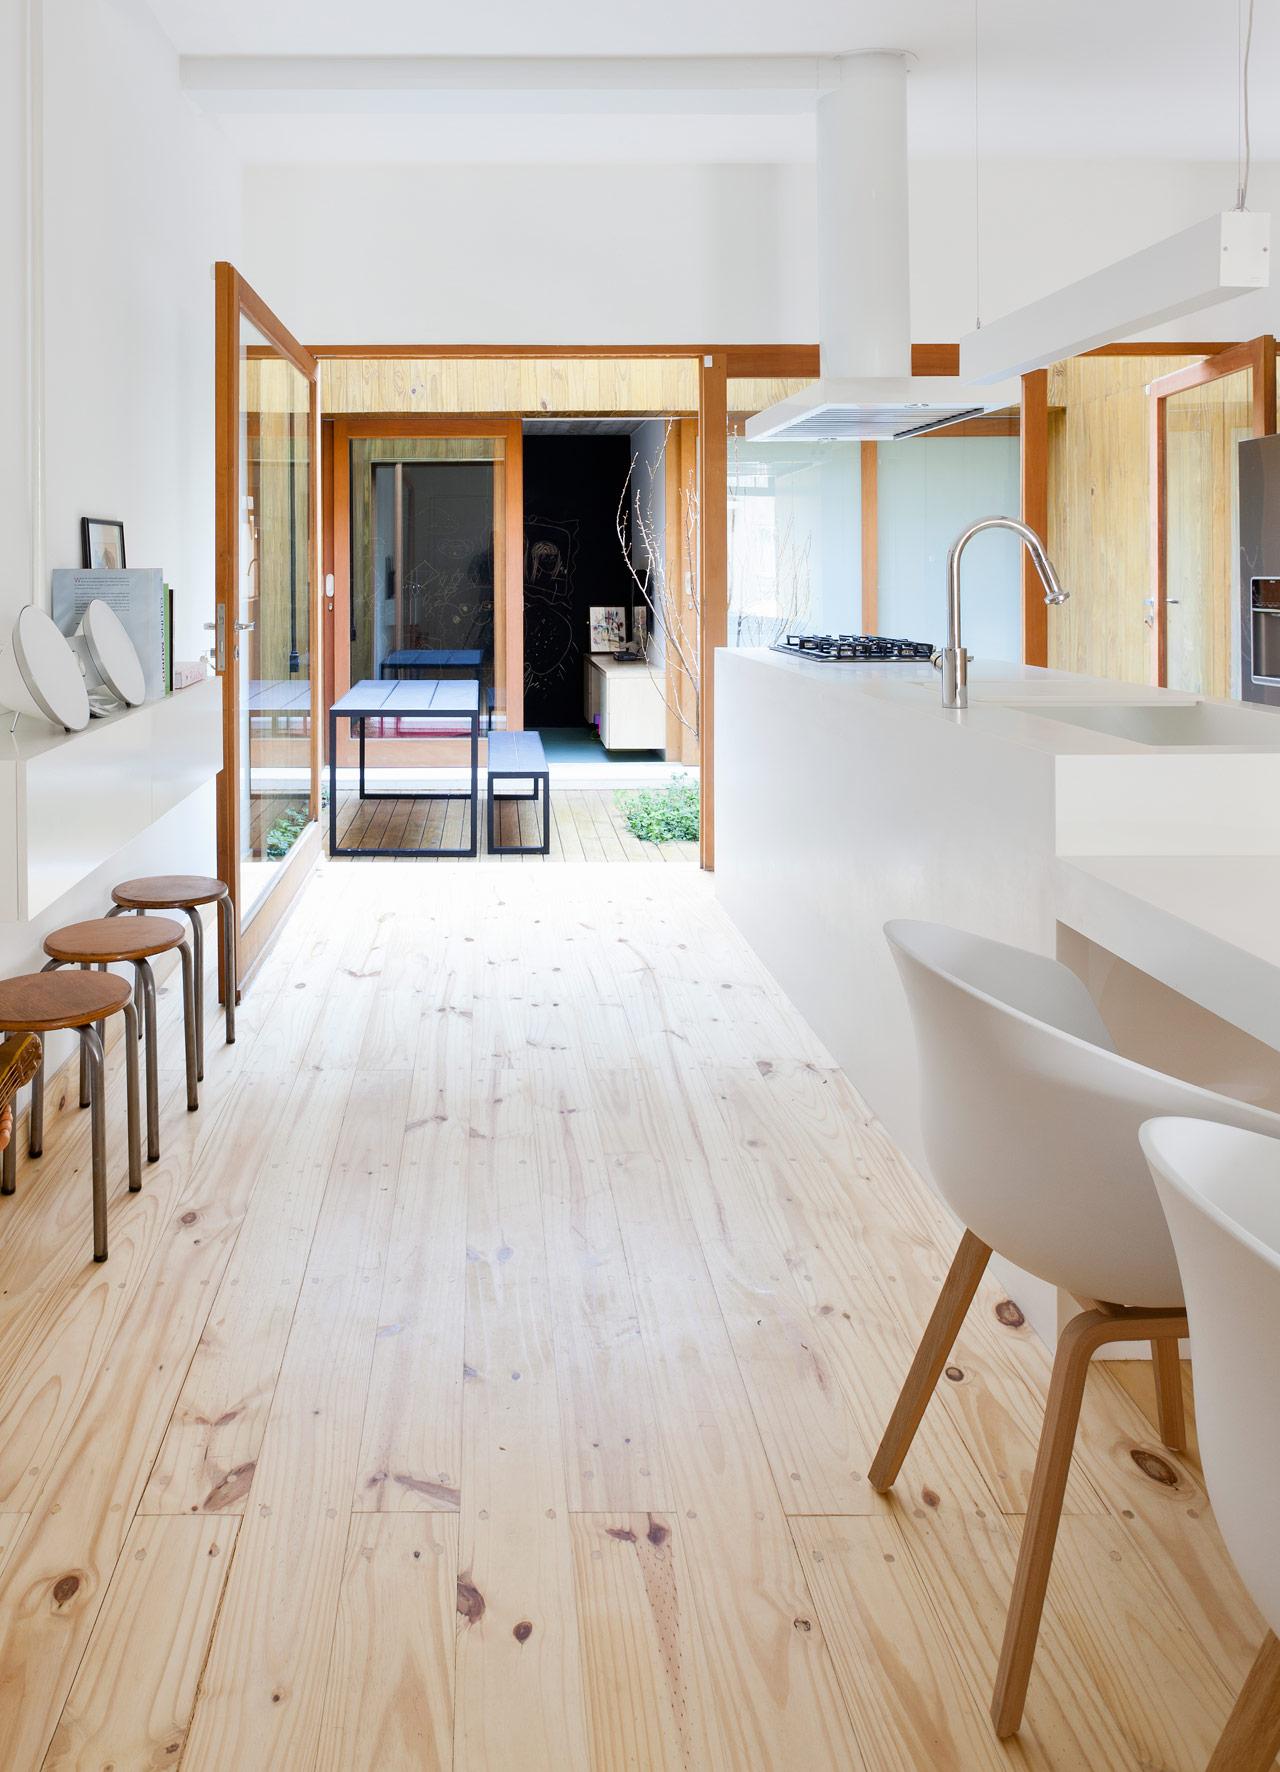 Reforma casa de vila / Studio GGA, © Fran Parente